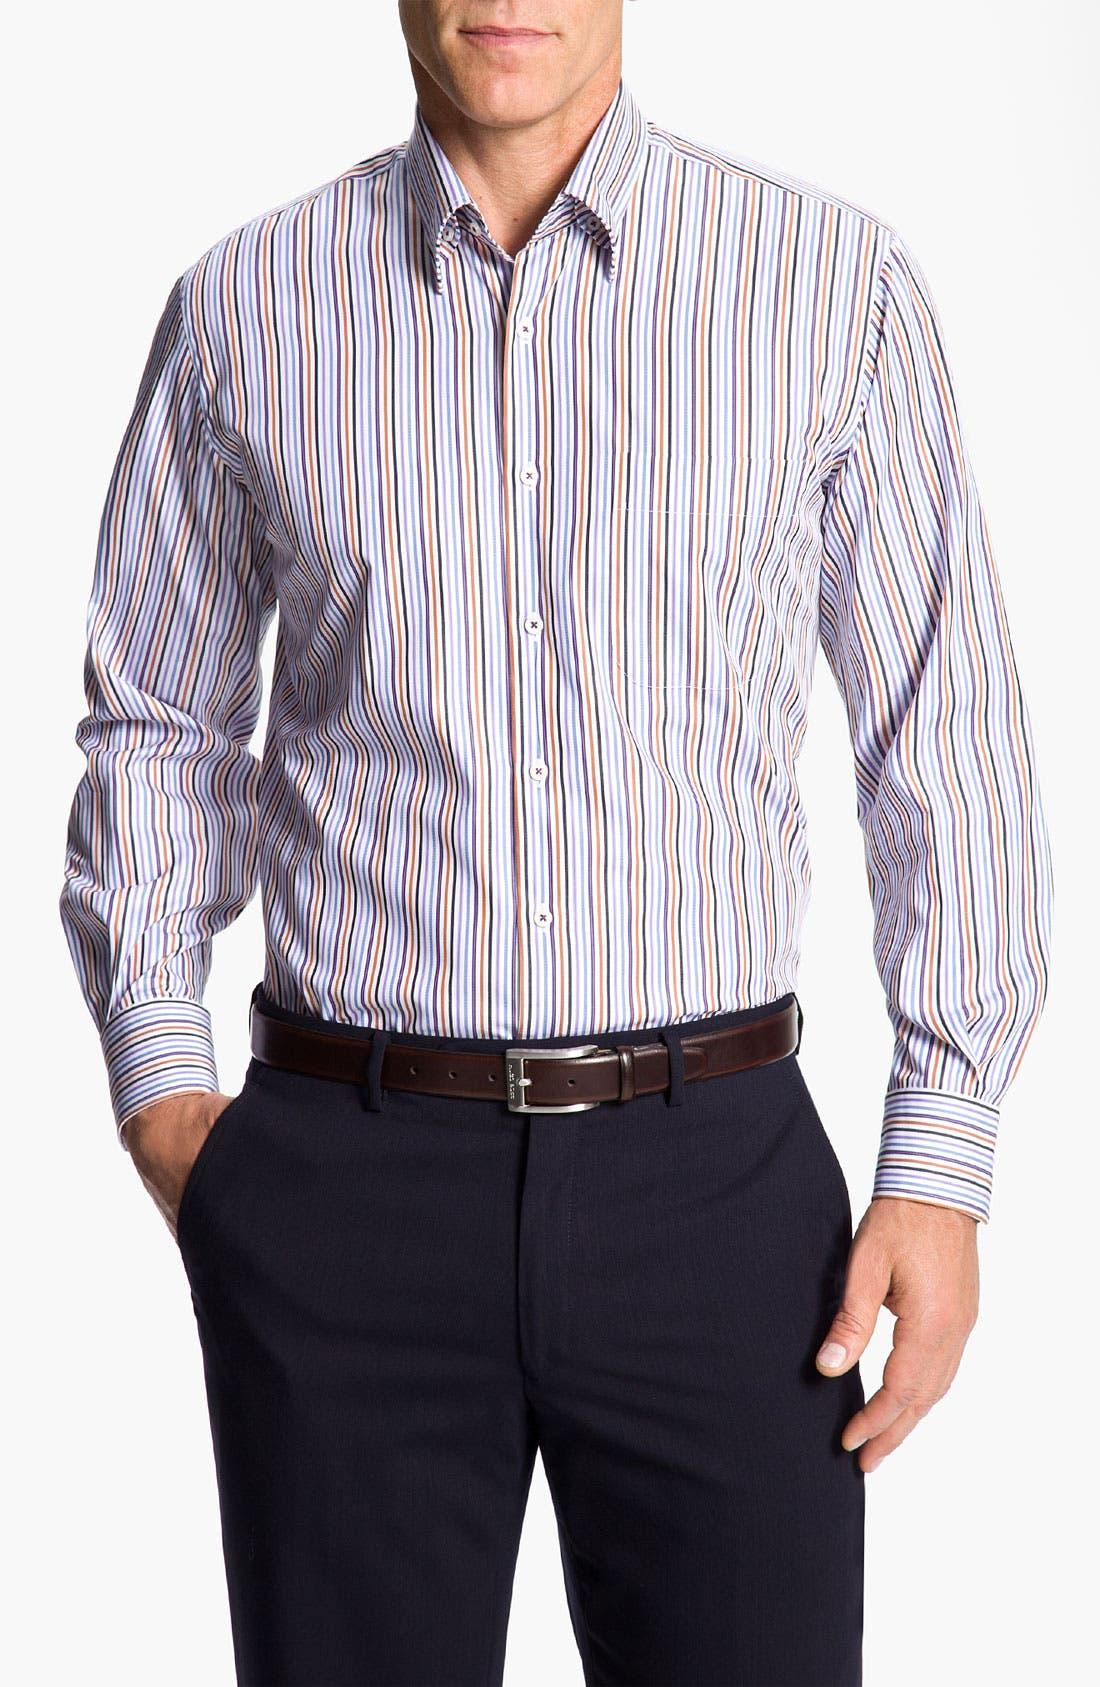 Alternate Image 1 Selected - Peter Millar 'Pinwheel Stripe' Sport Shirt